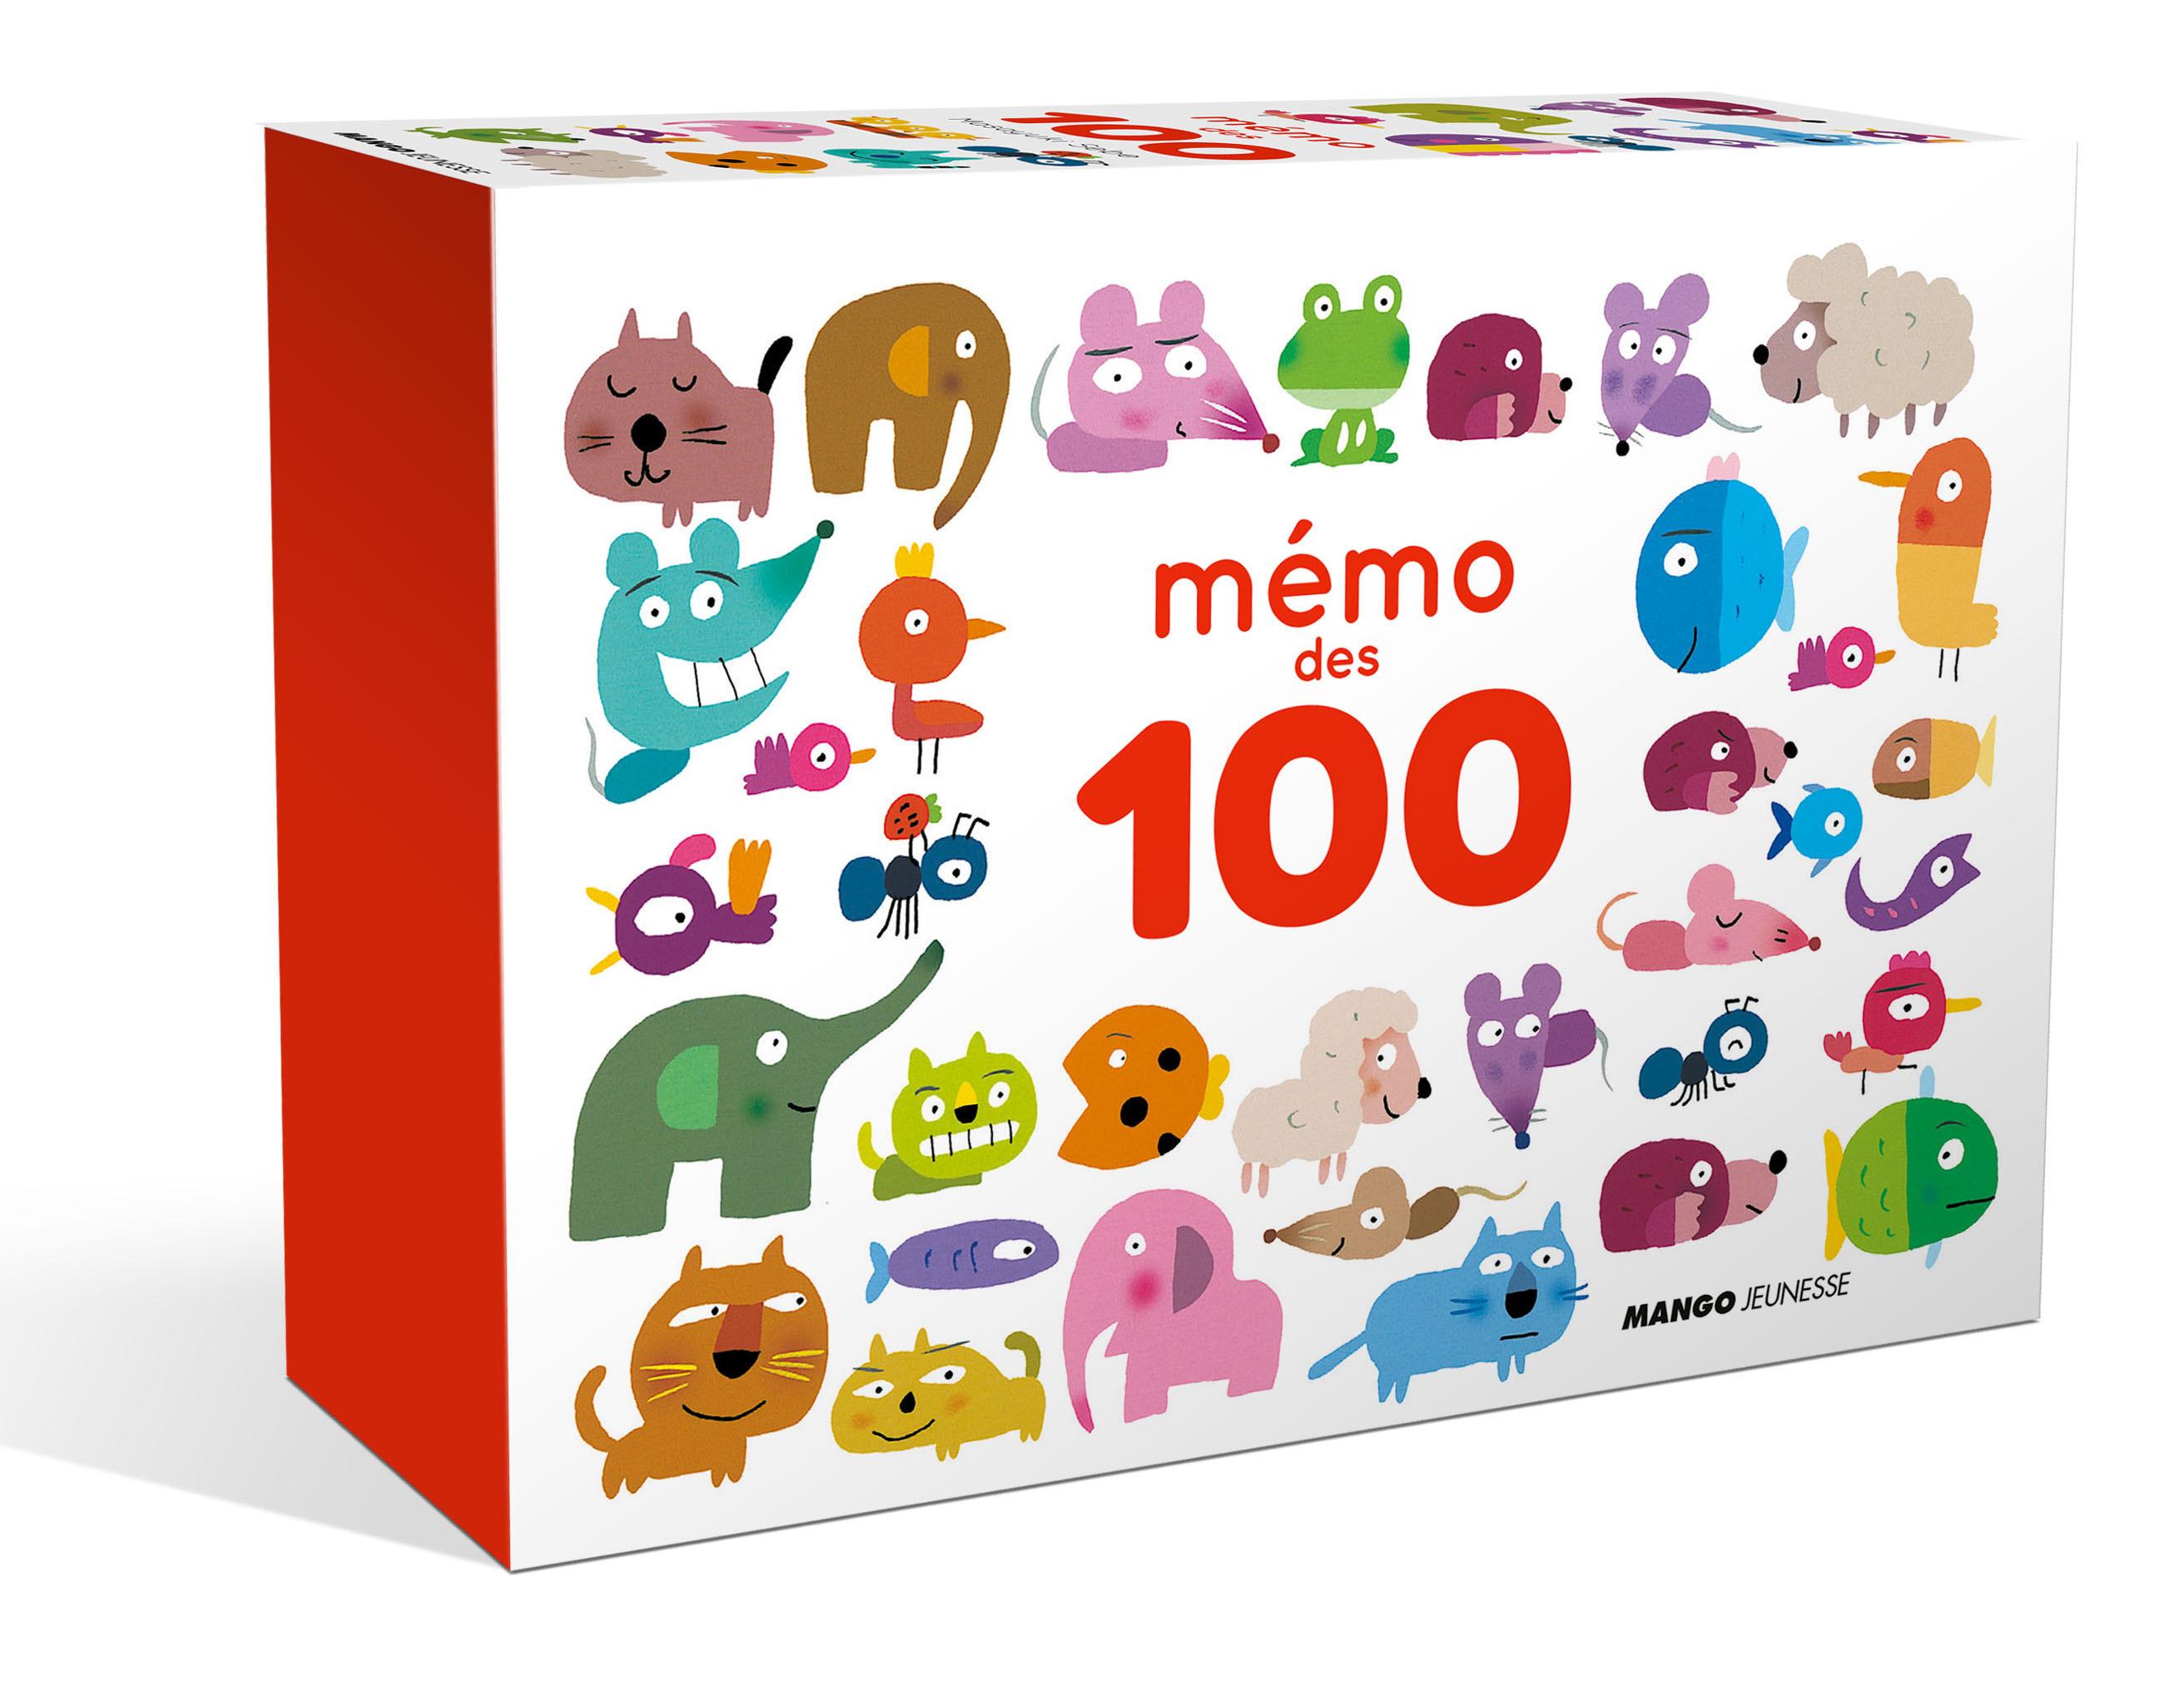 MEMO DES 100